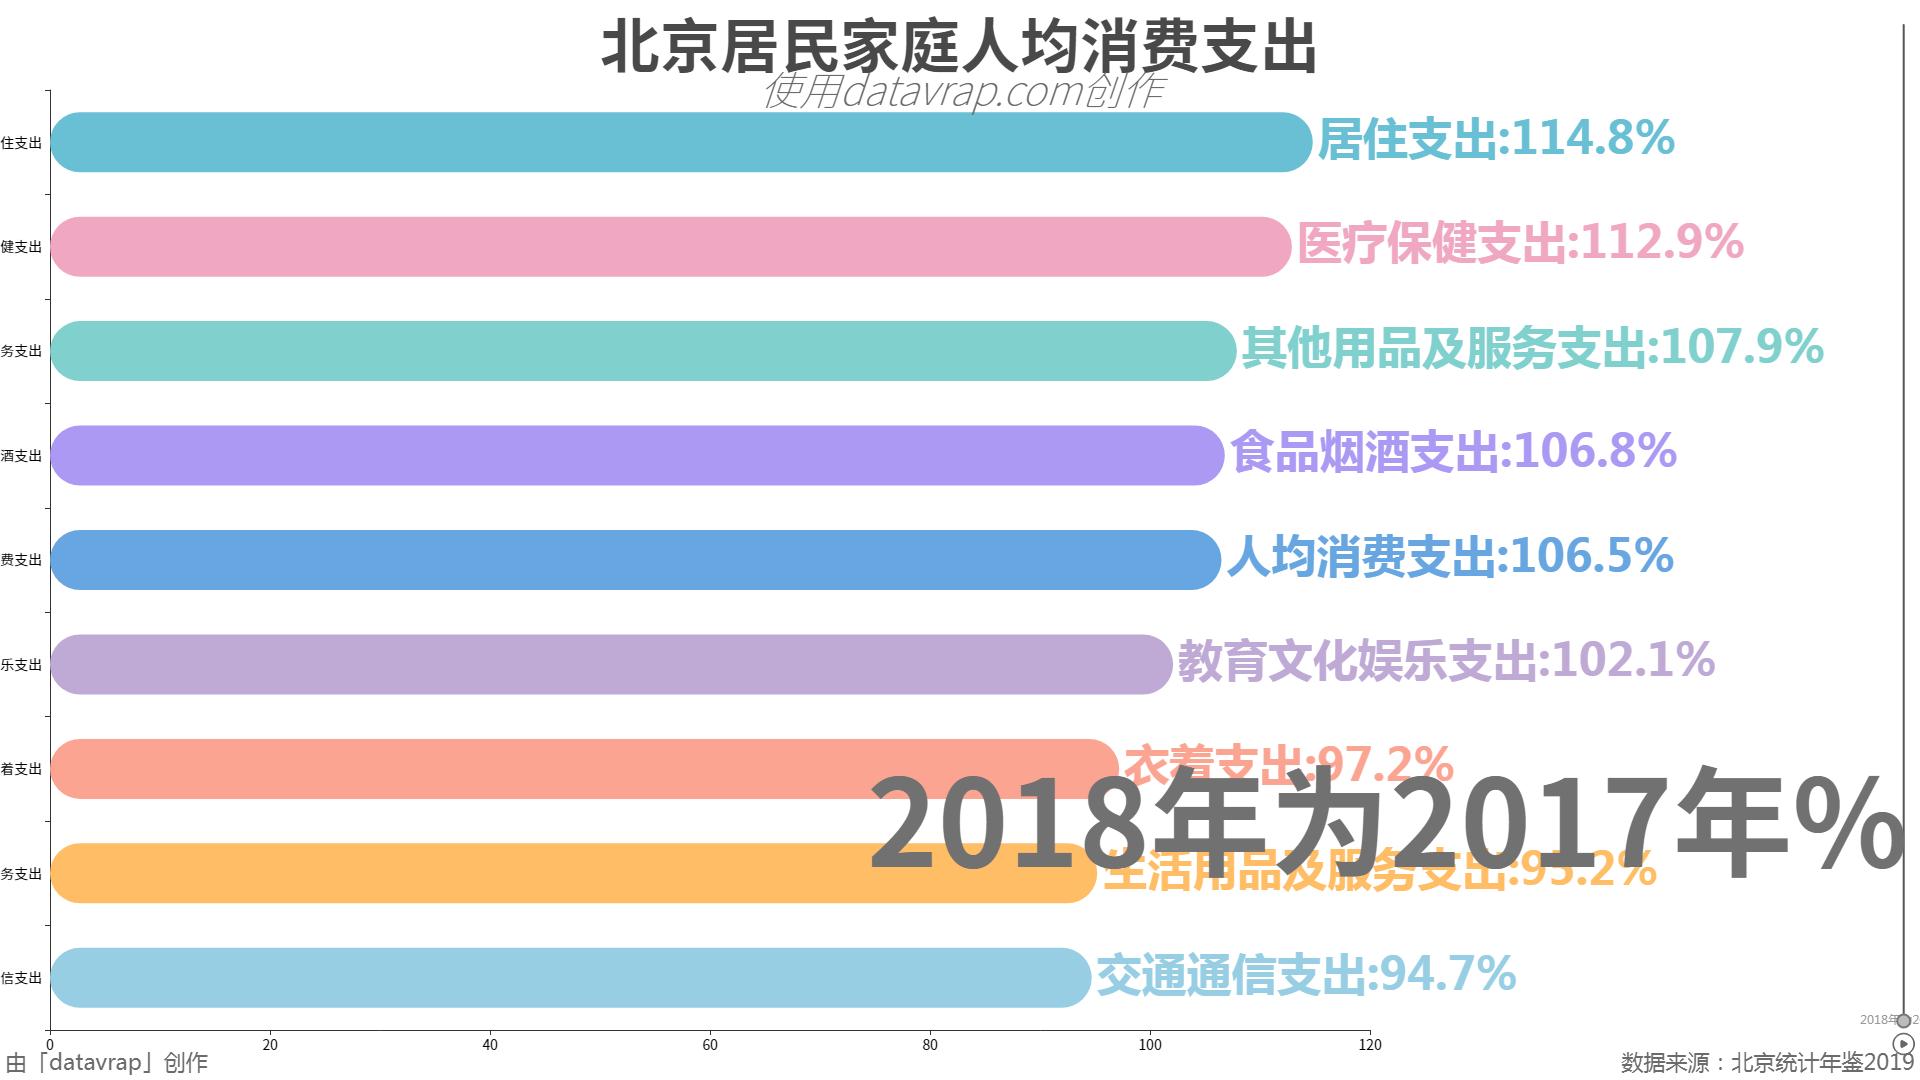 北京居民家庭人均消费支出